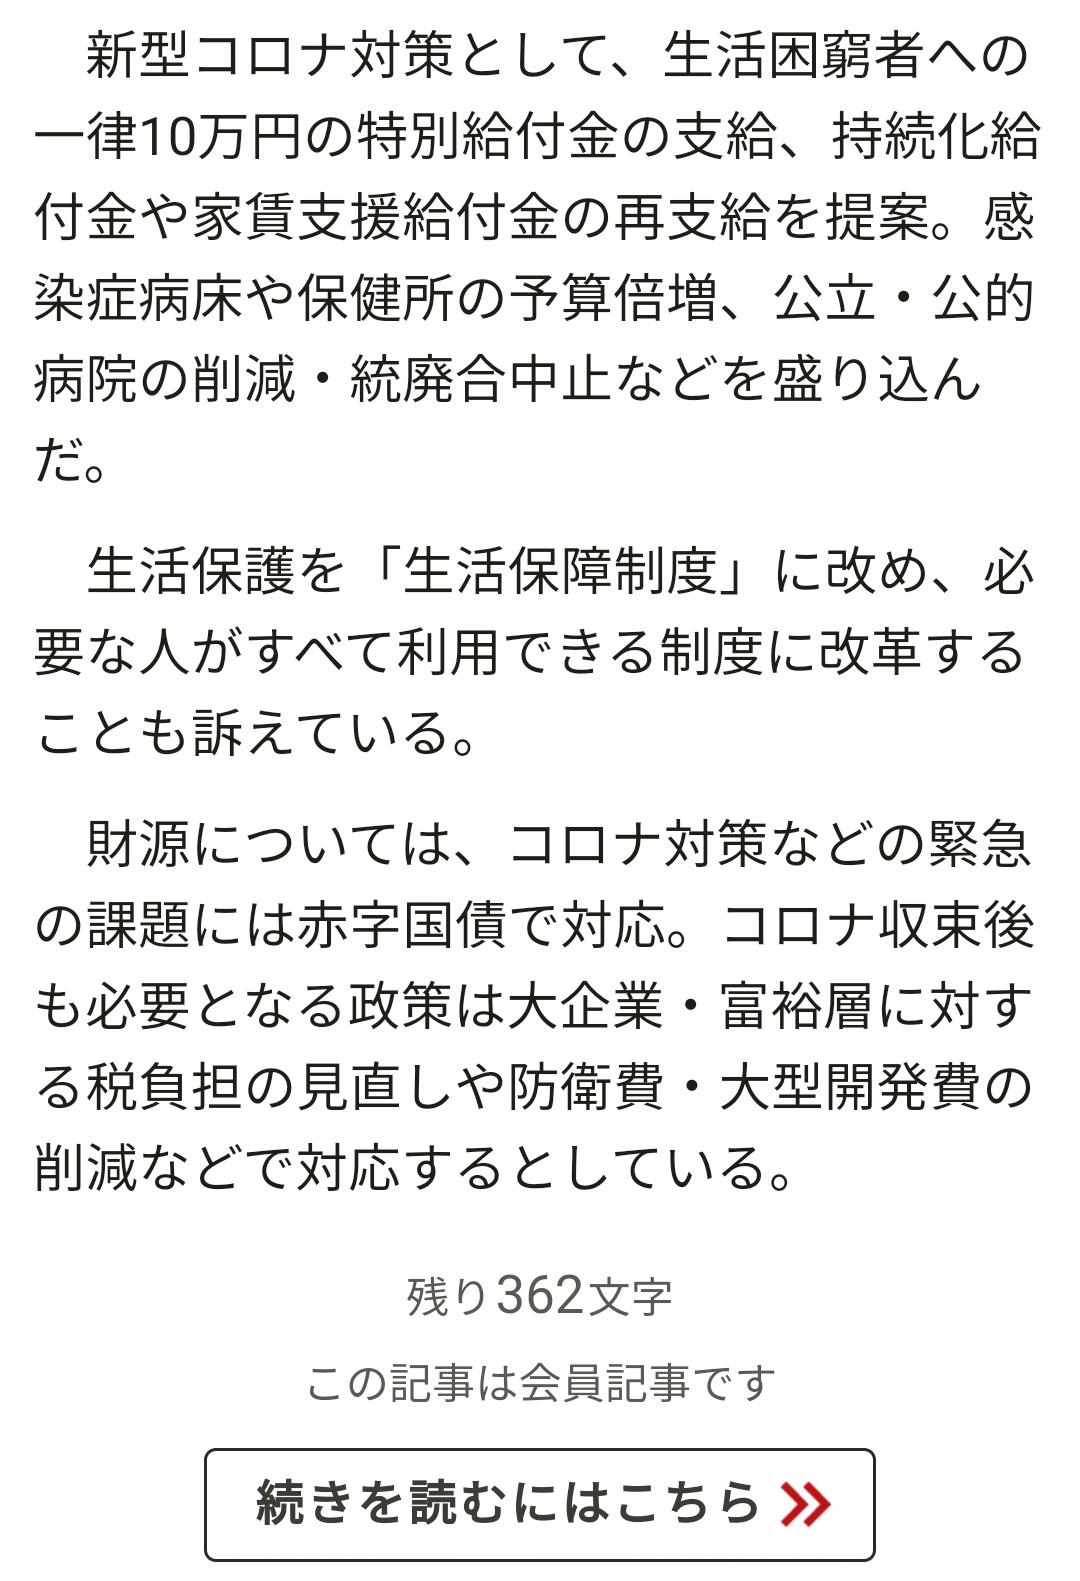 【無免許人身事故】<木下富美子・東京都議>辞めない意向を表明!「議員活動でご奉仕したい」